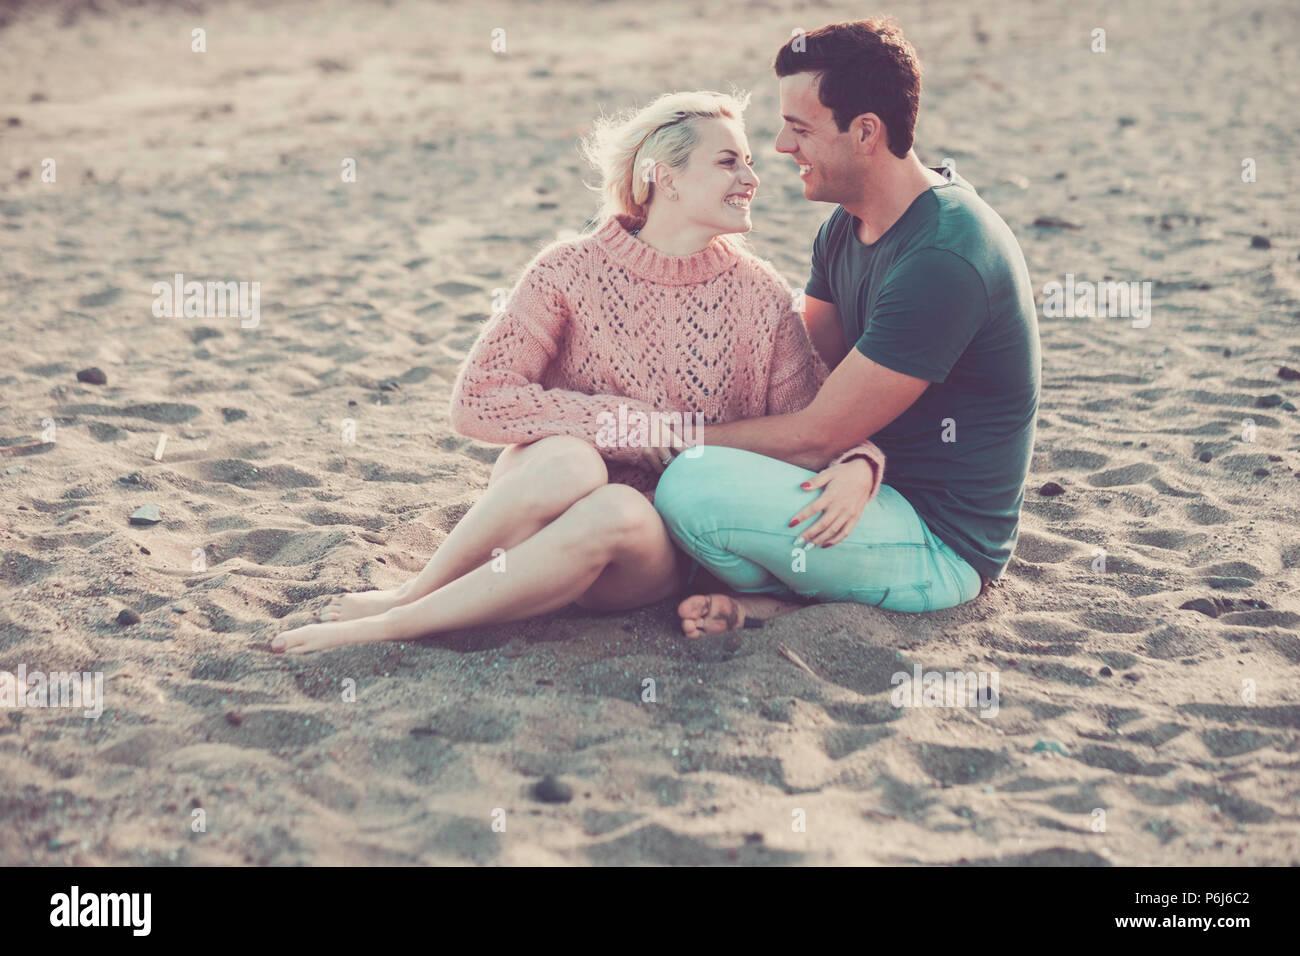 Bellissimo modello giovane caucasico giovane donna e uomo rimanere nell'amore abbracciando e seduto sulla spiaggia. bionda e capelli neri in rapporto all'aperto leisu Immagini Stock